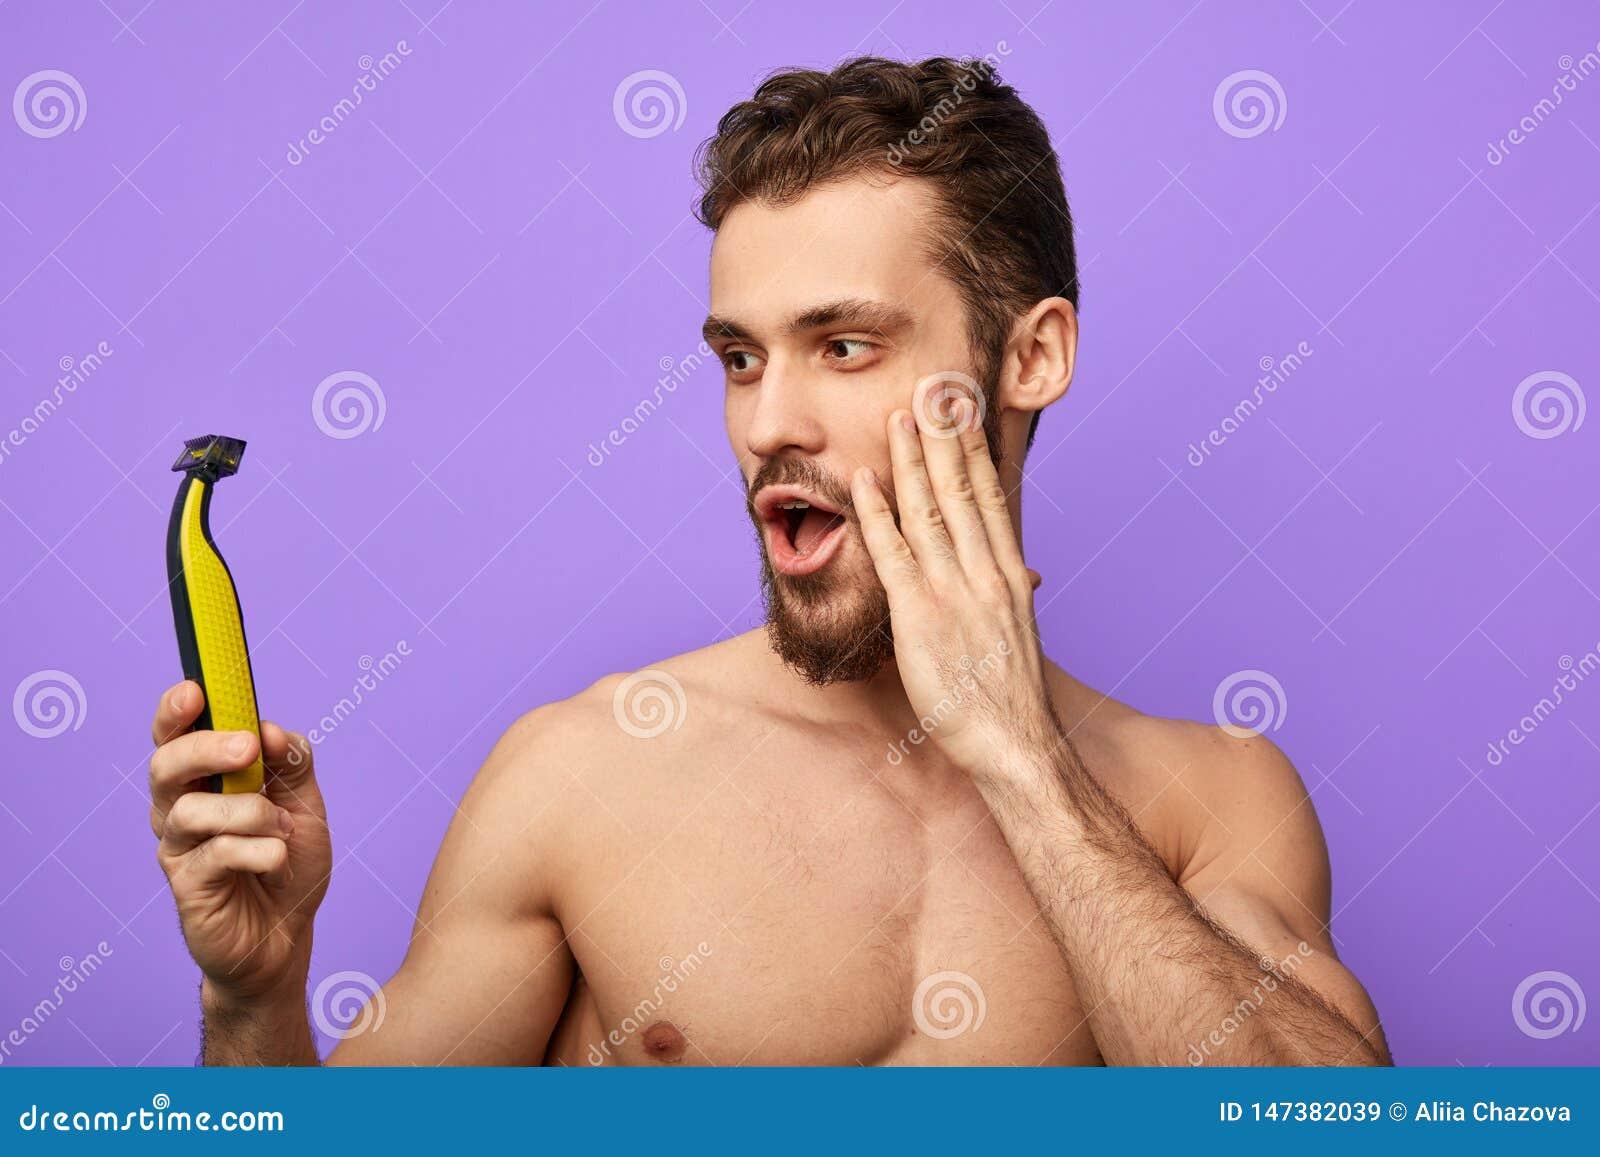 De jonge aantrekkelijke mens is gelukkig om positief effect tijdens het scheren te hebben